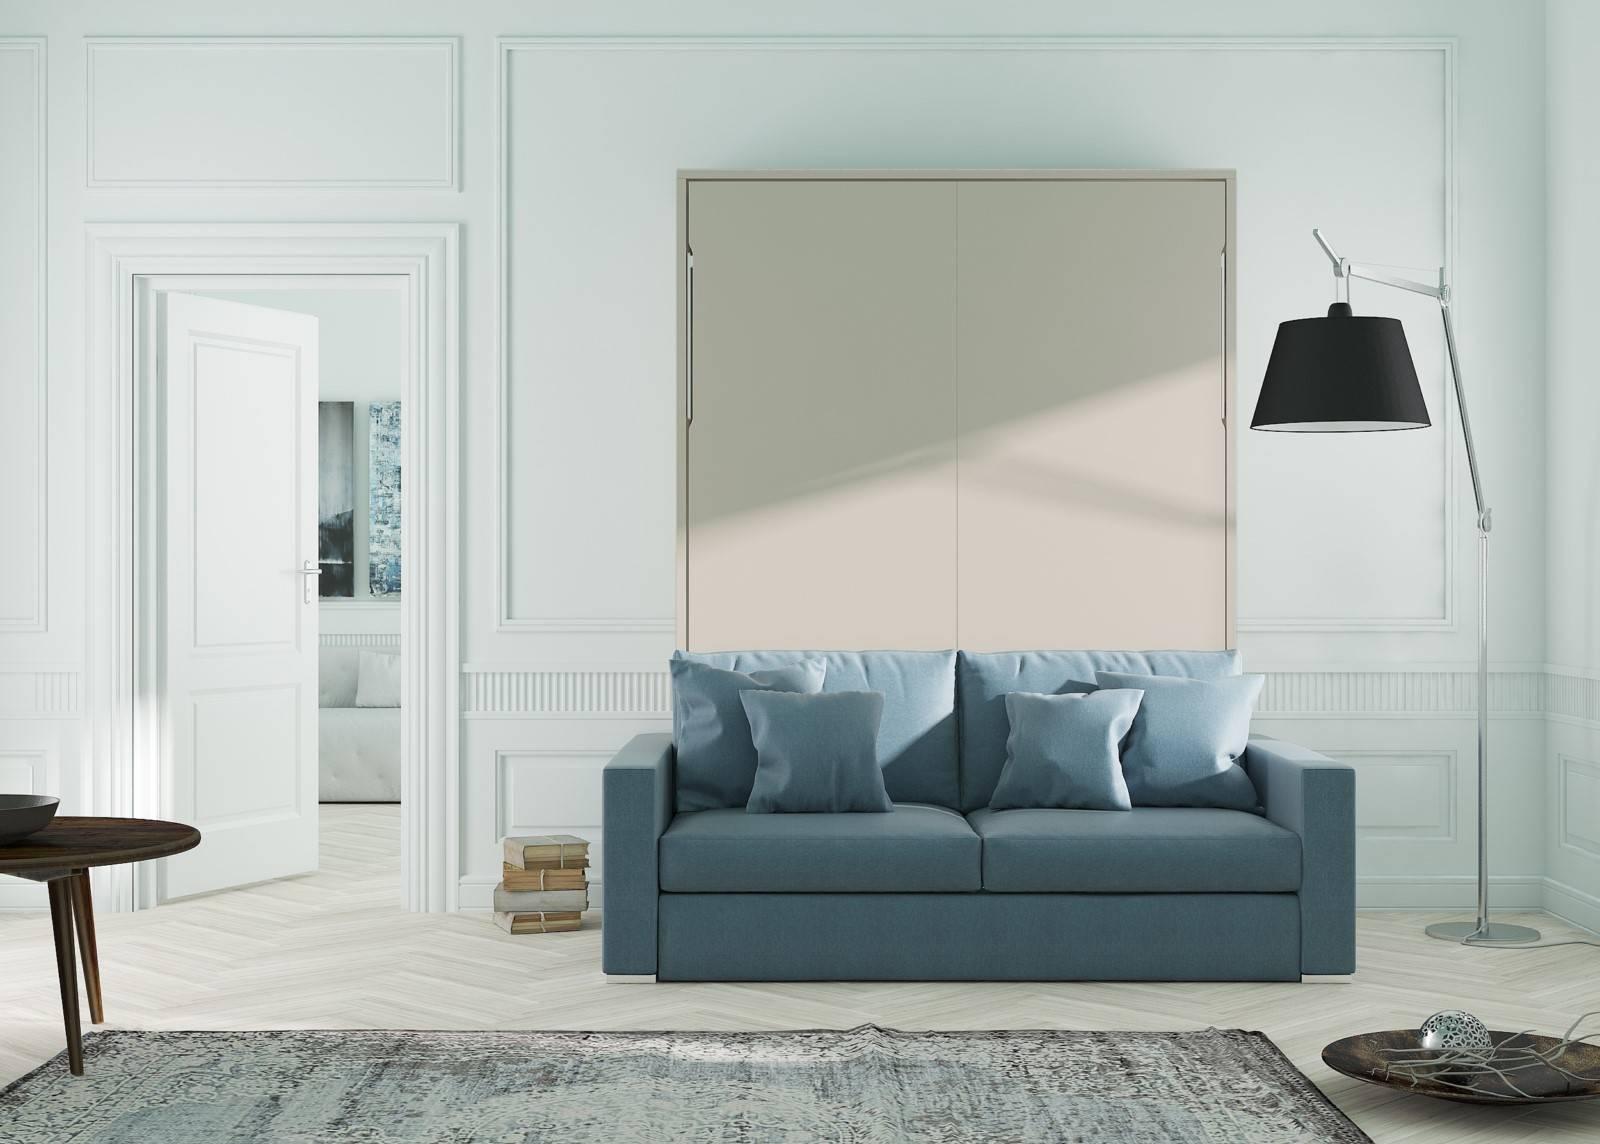 lit escamotable vertical avec canap int gr mod le aix. Black Bedroom Furniture Sets. Home Design Ideas